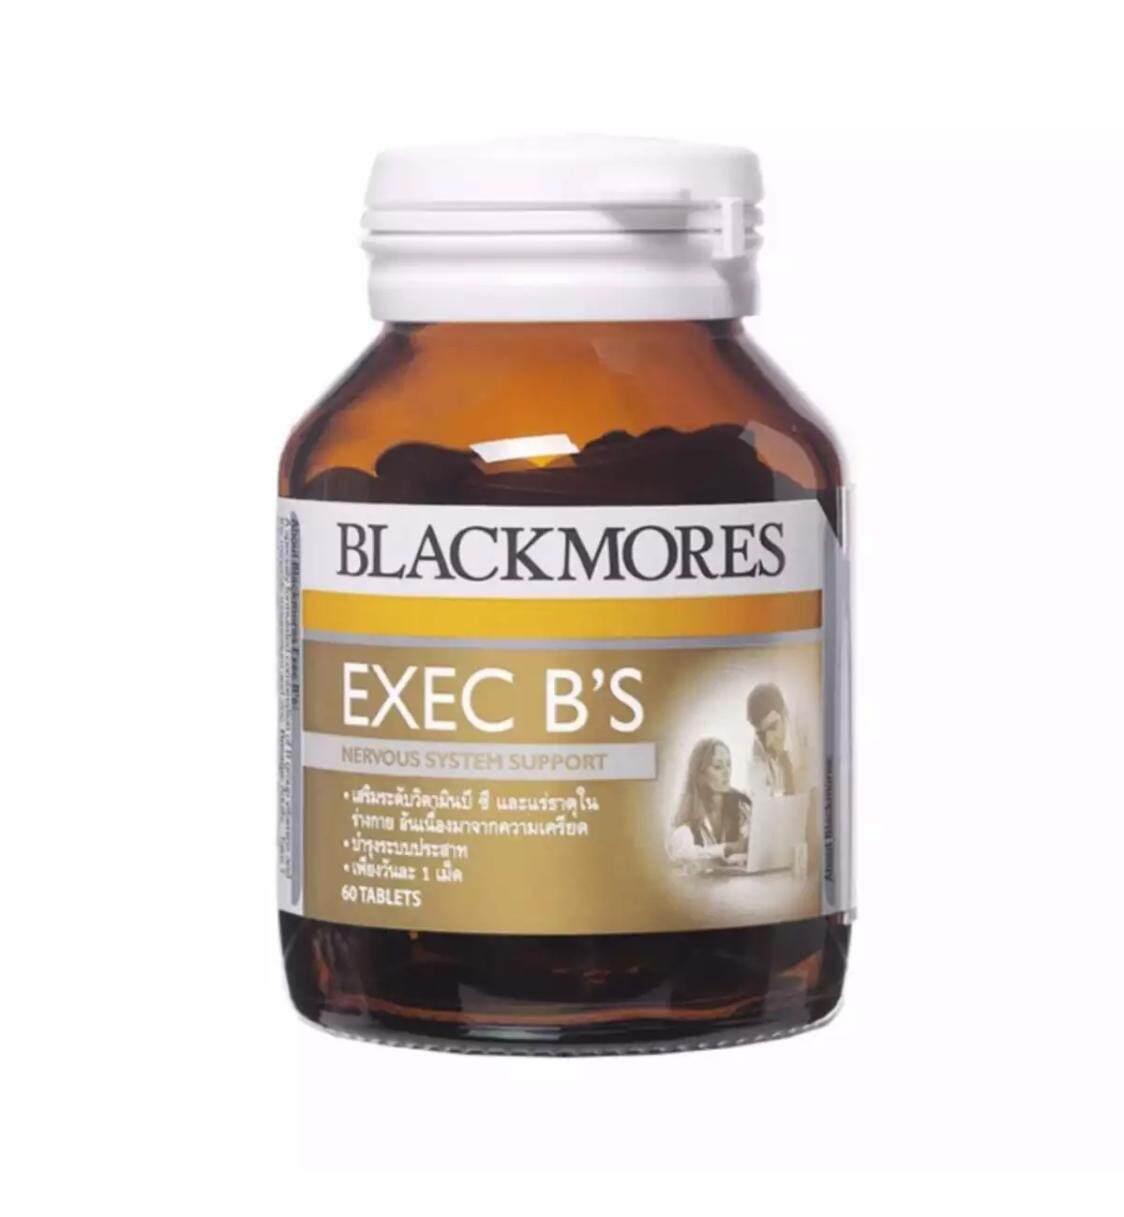 ยี่ห้อไหนดี  ภูเก็ต Blackmores Exec B ขนาด 60 เม็ด ช่วยบรรเทาอาการชา และบำรุงปลายประสาท